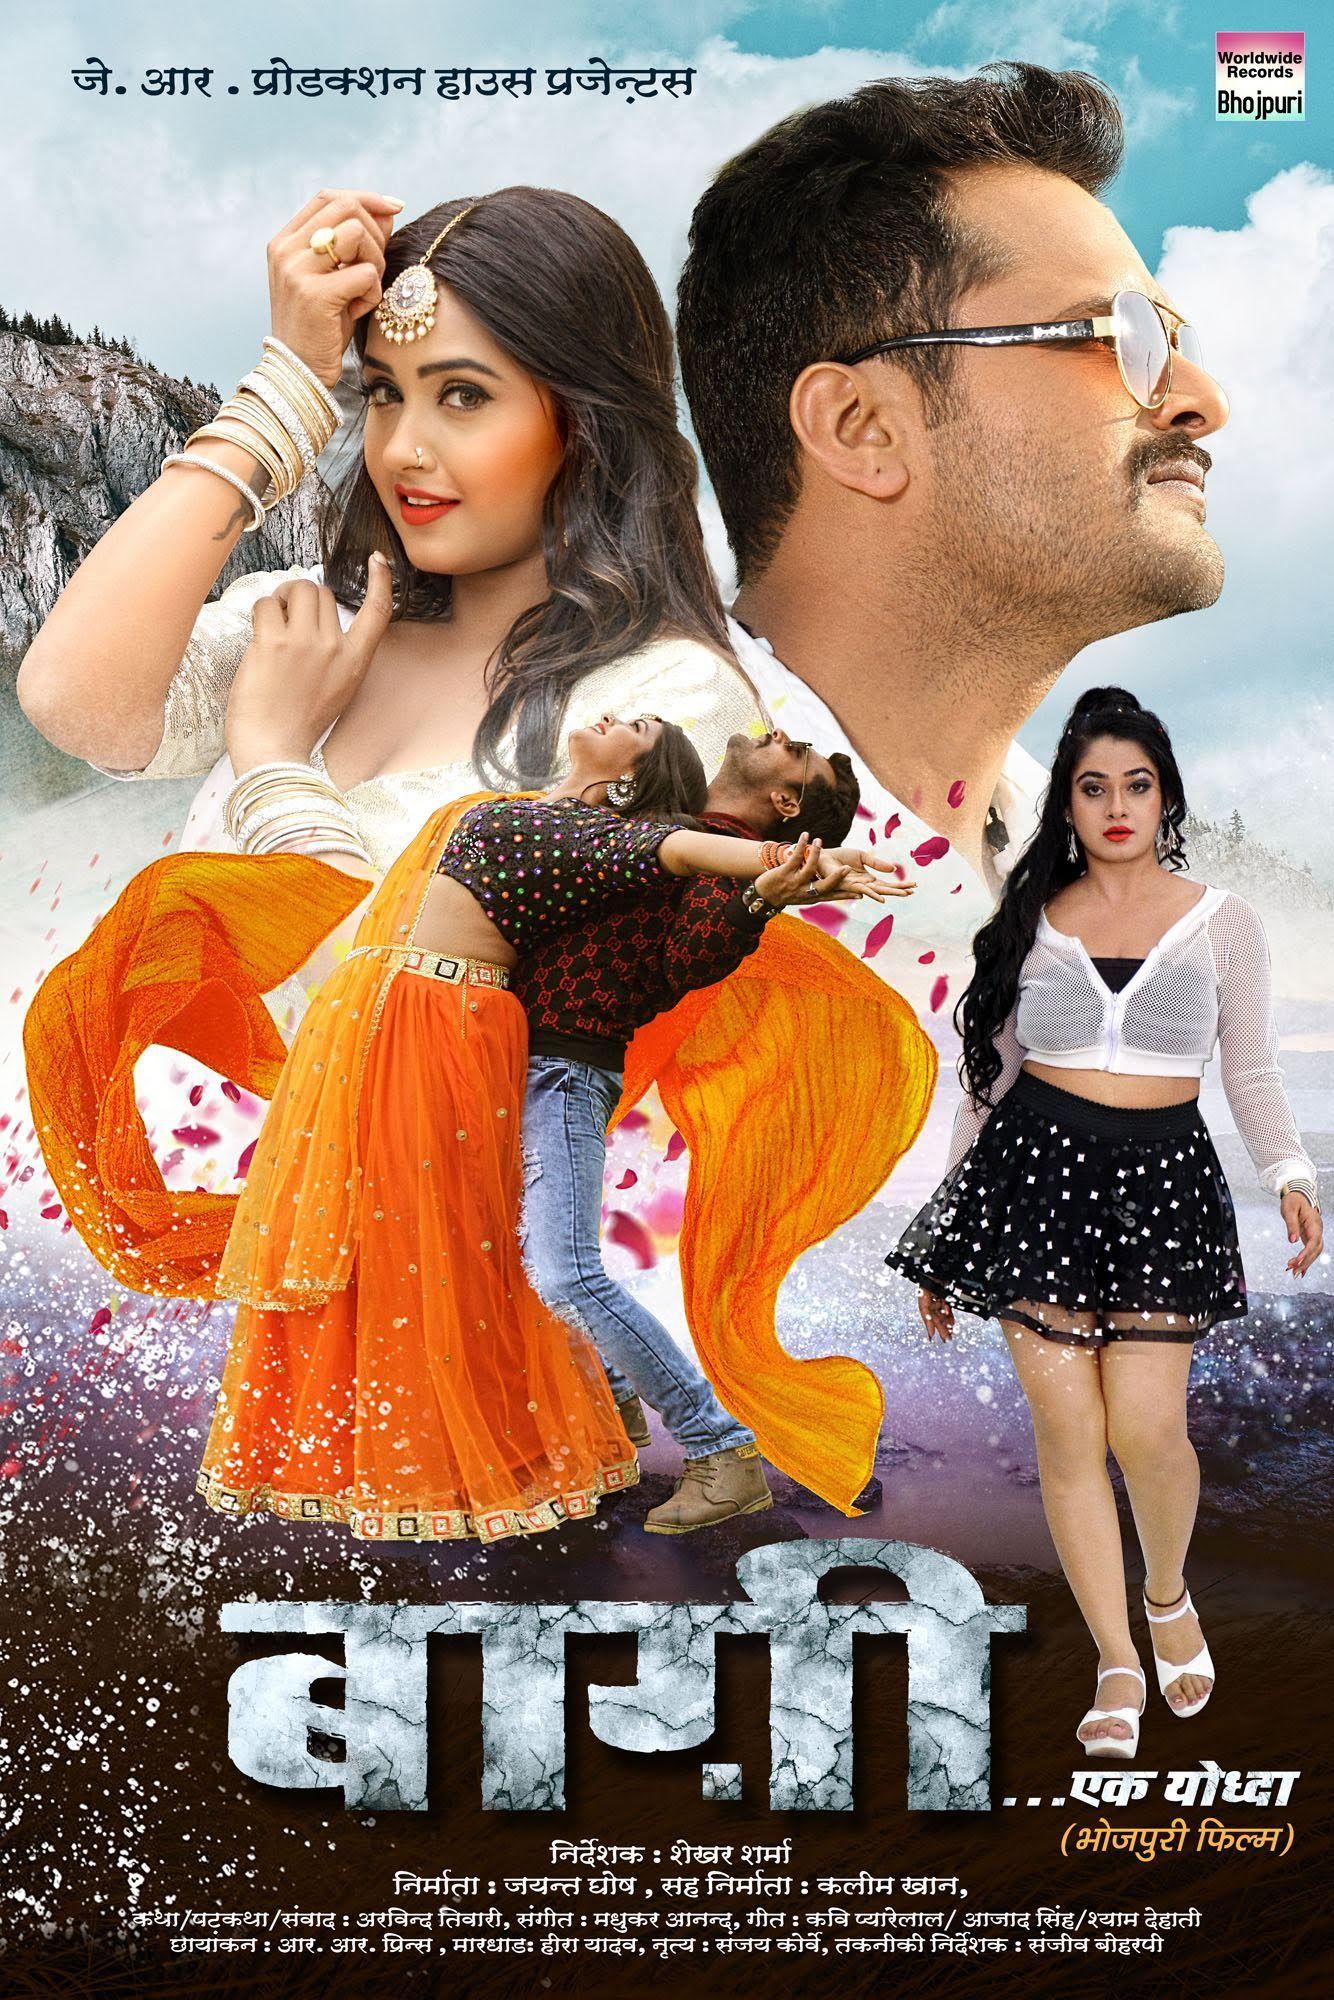 Baaghi Ek Yodha Hindi Movies Online Free Download Free Movies Online Bollywood Movies Online